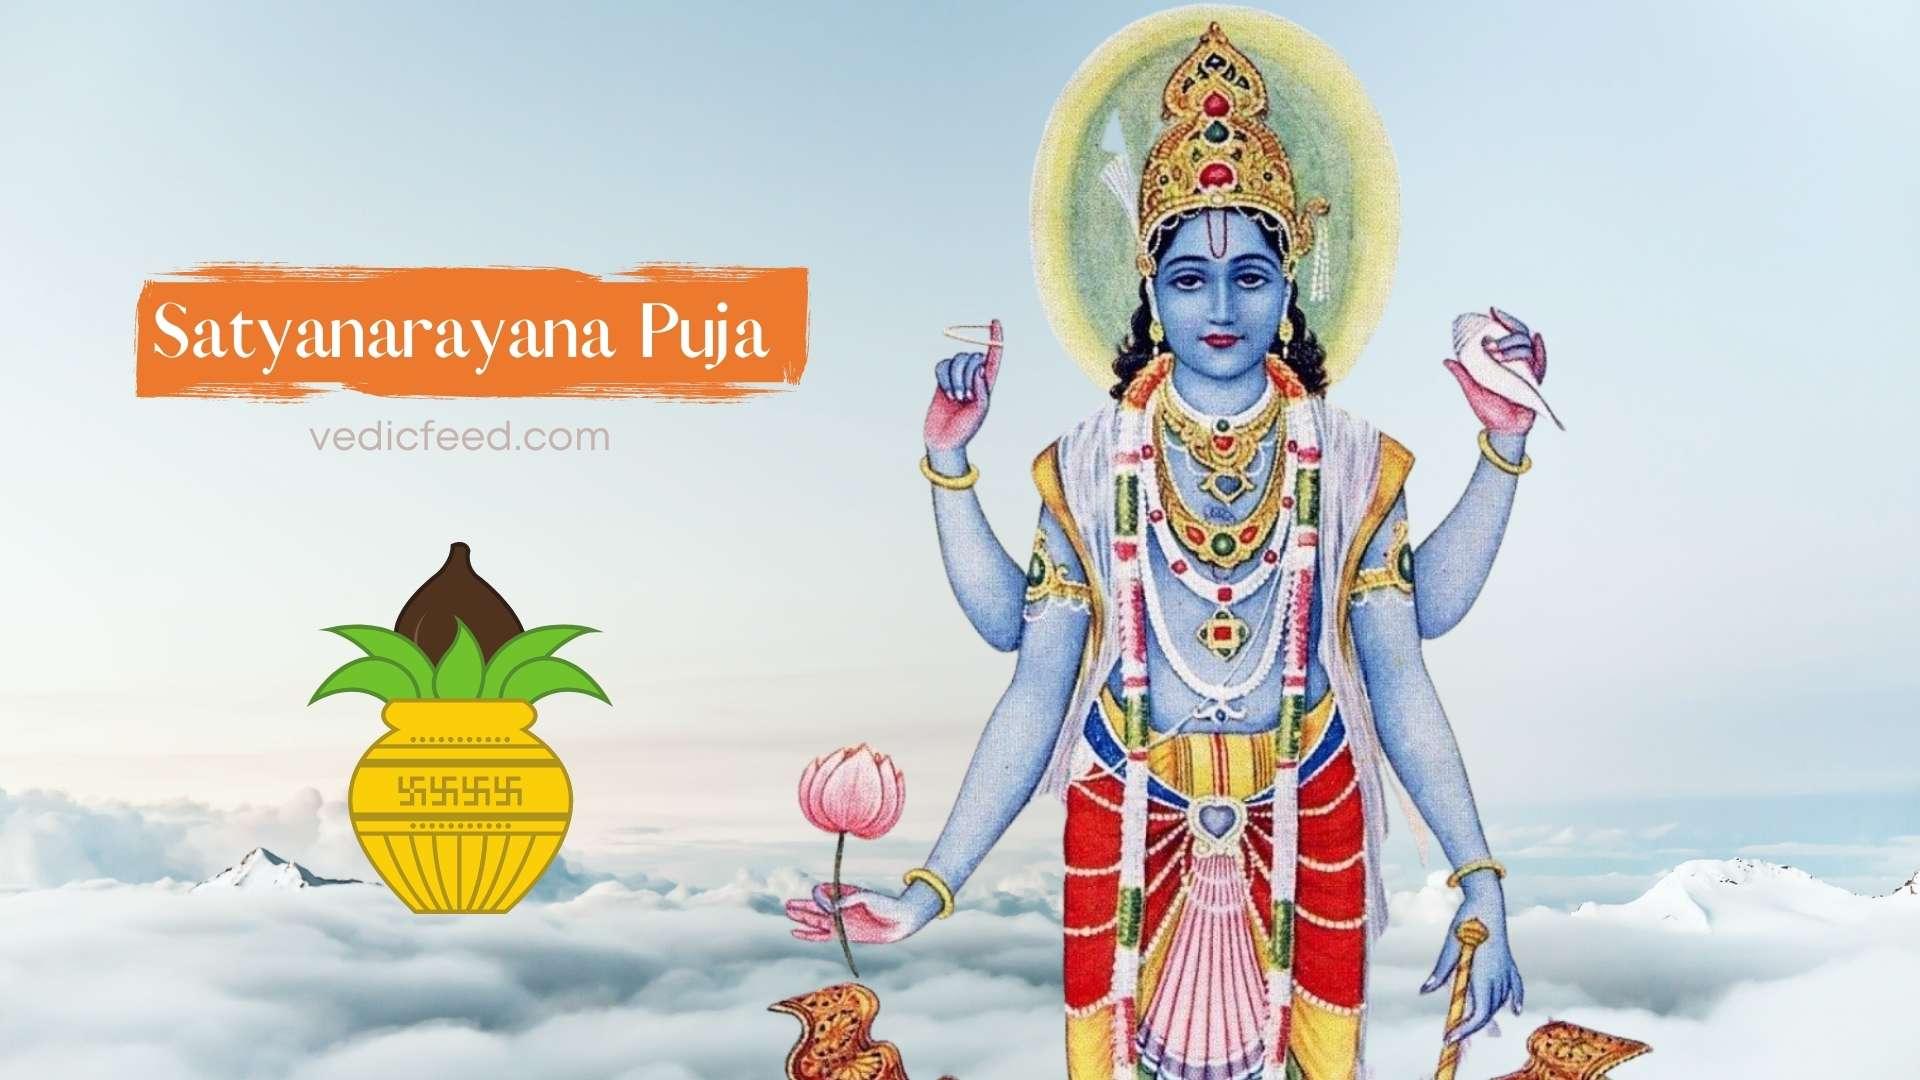 Satyanarayana Puja